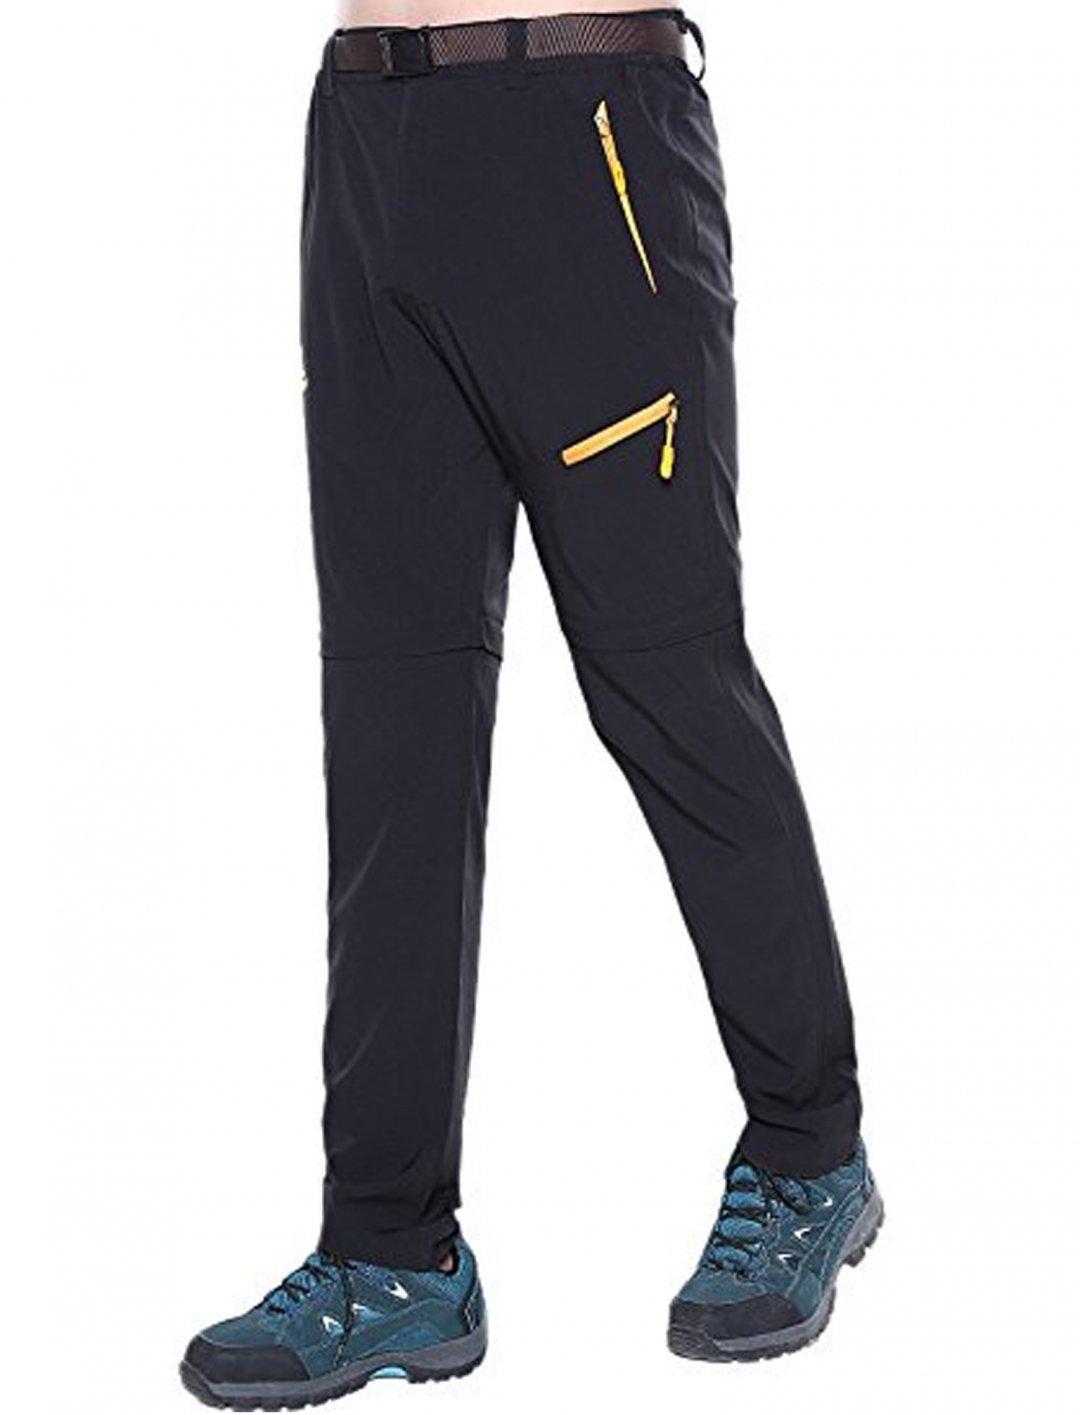 Srizgo Hiking Trousers Clothing Srizgo